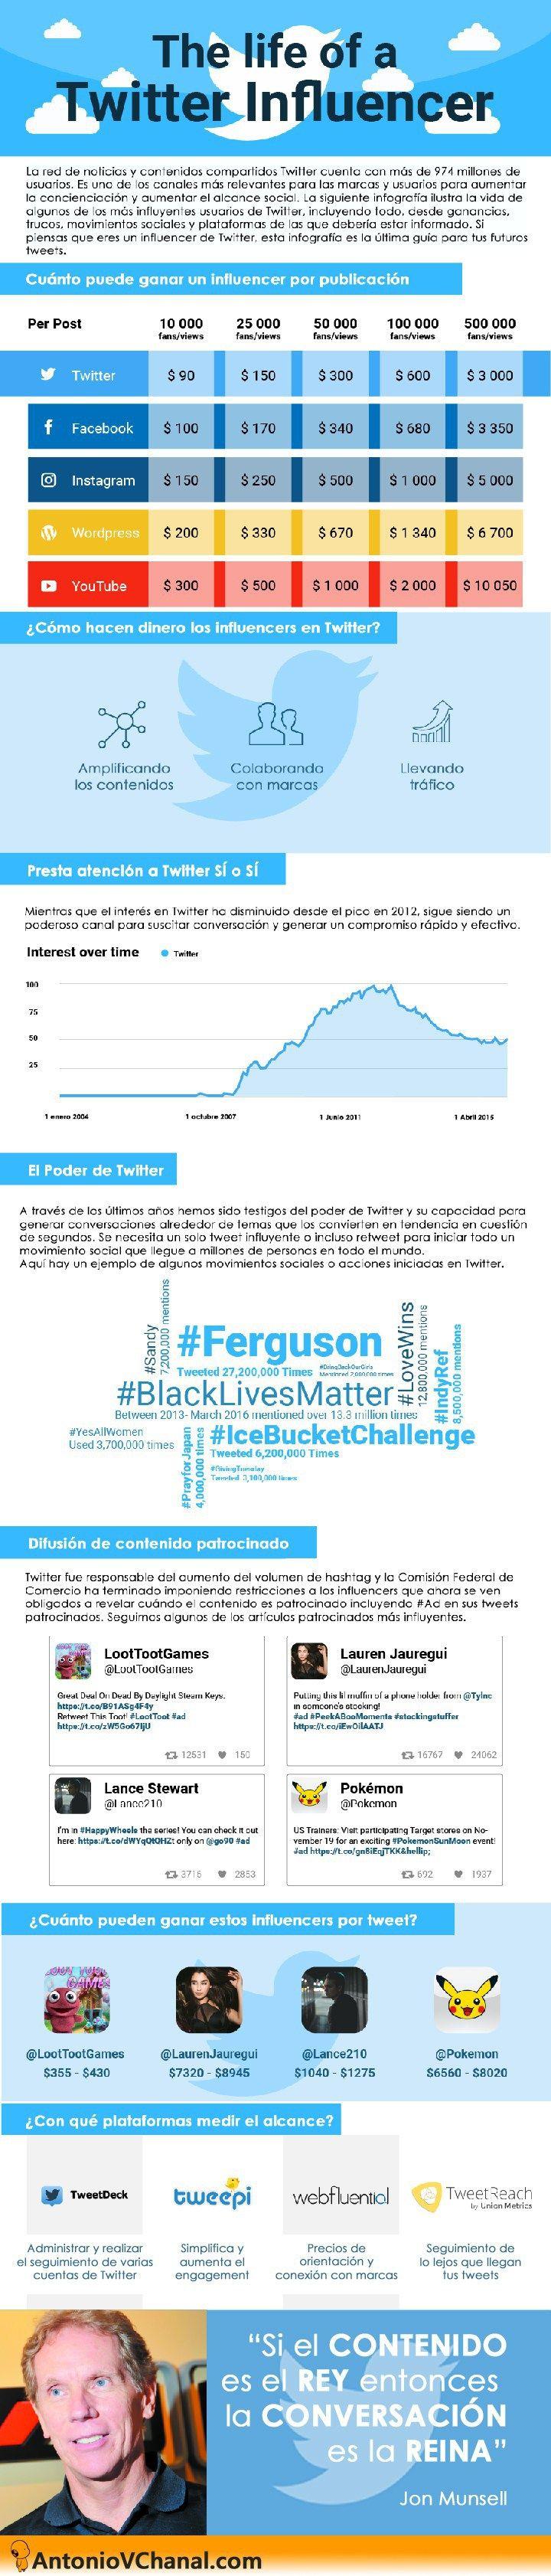 La vida de un Influencer en Twitter #infografia